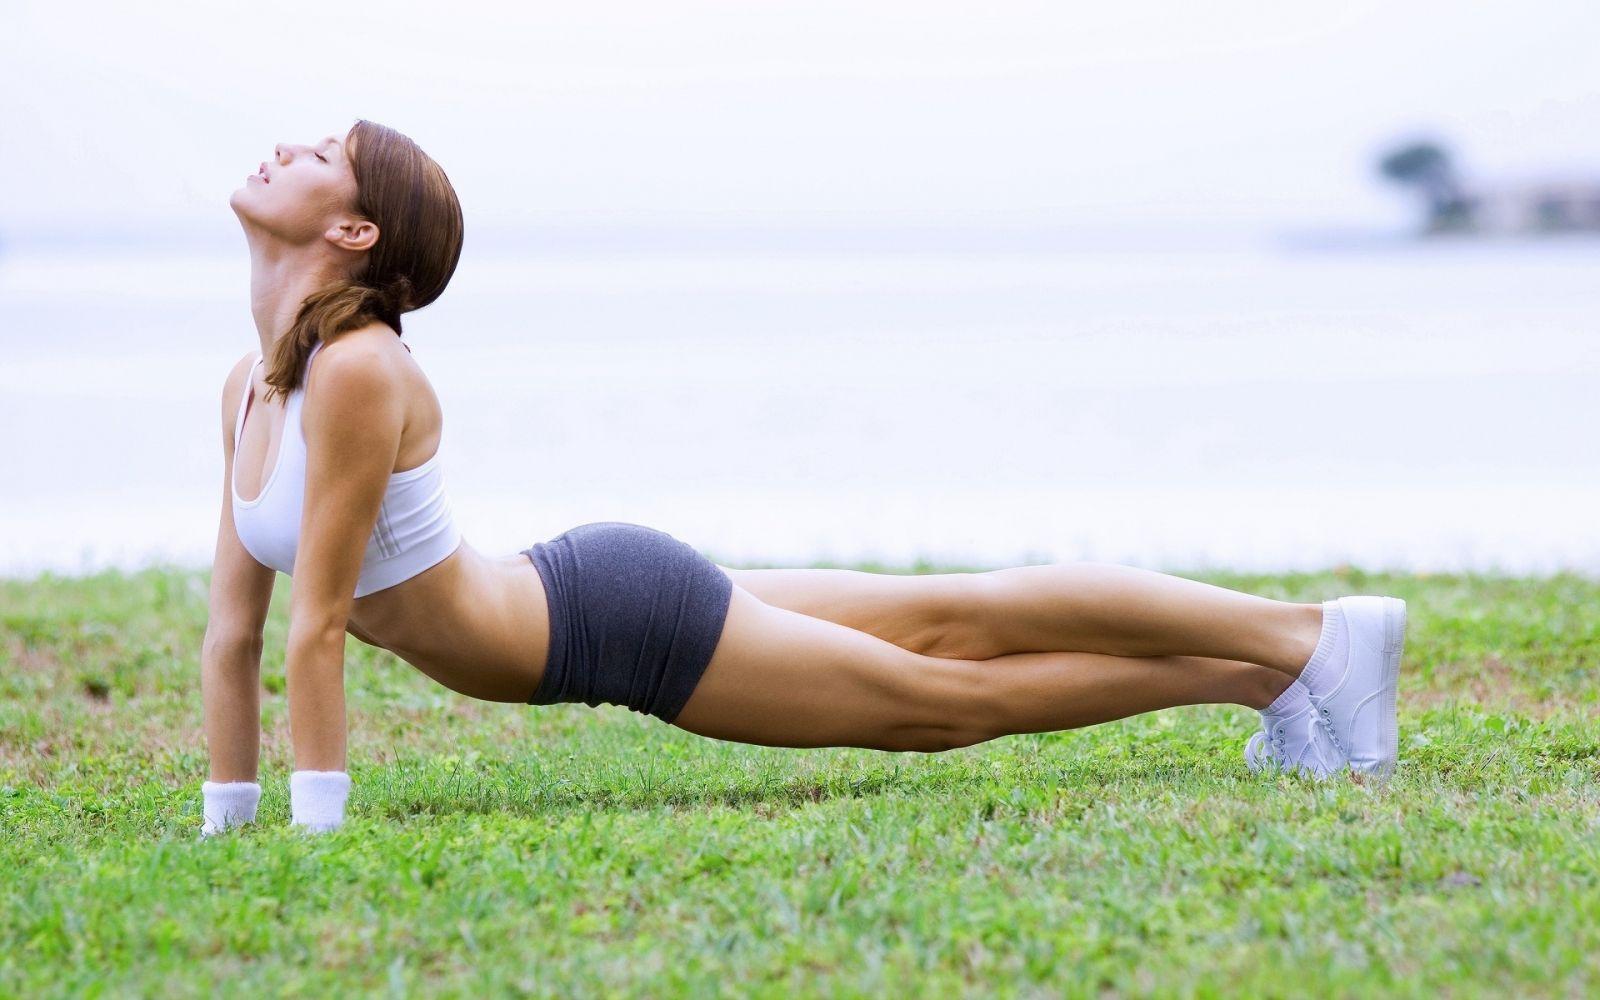 все о фитнесе и здоровом образе жизни для женщин